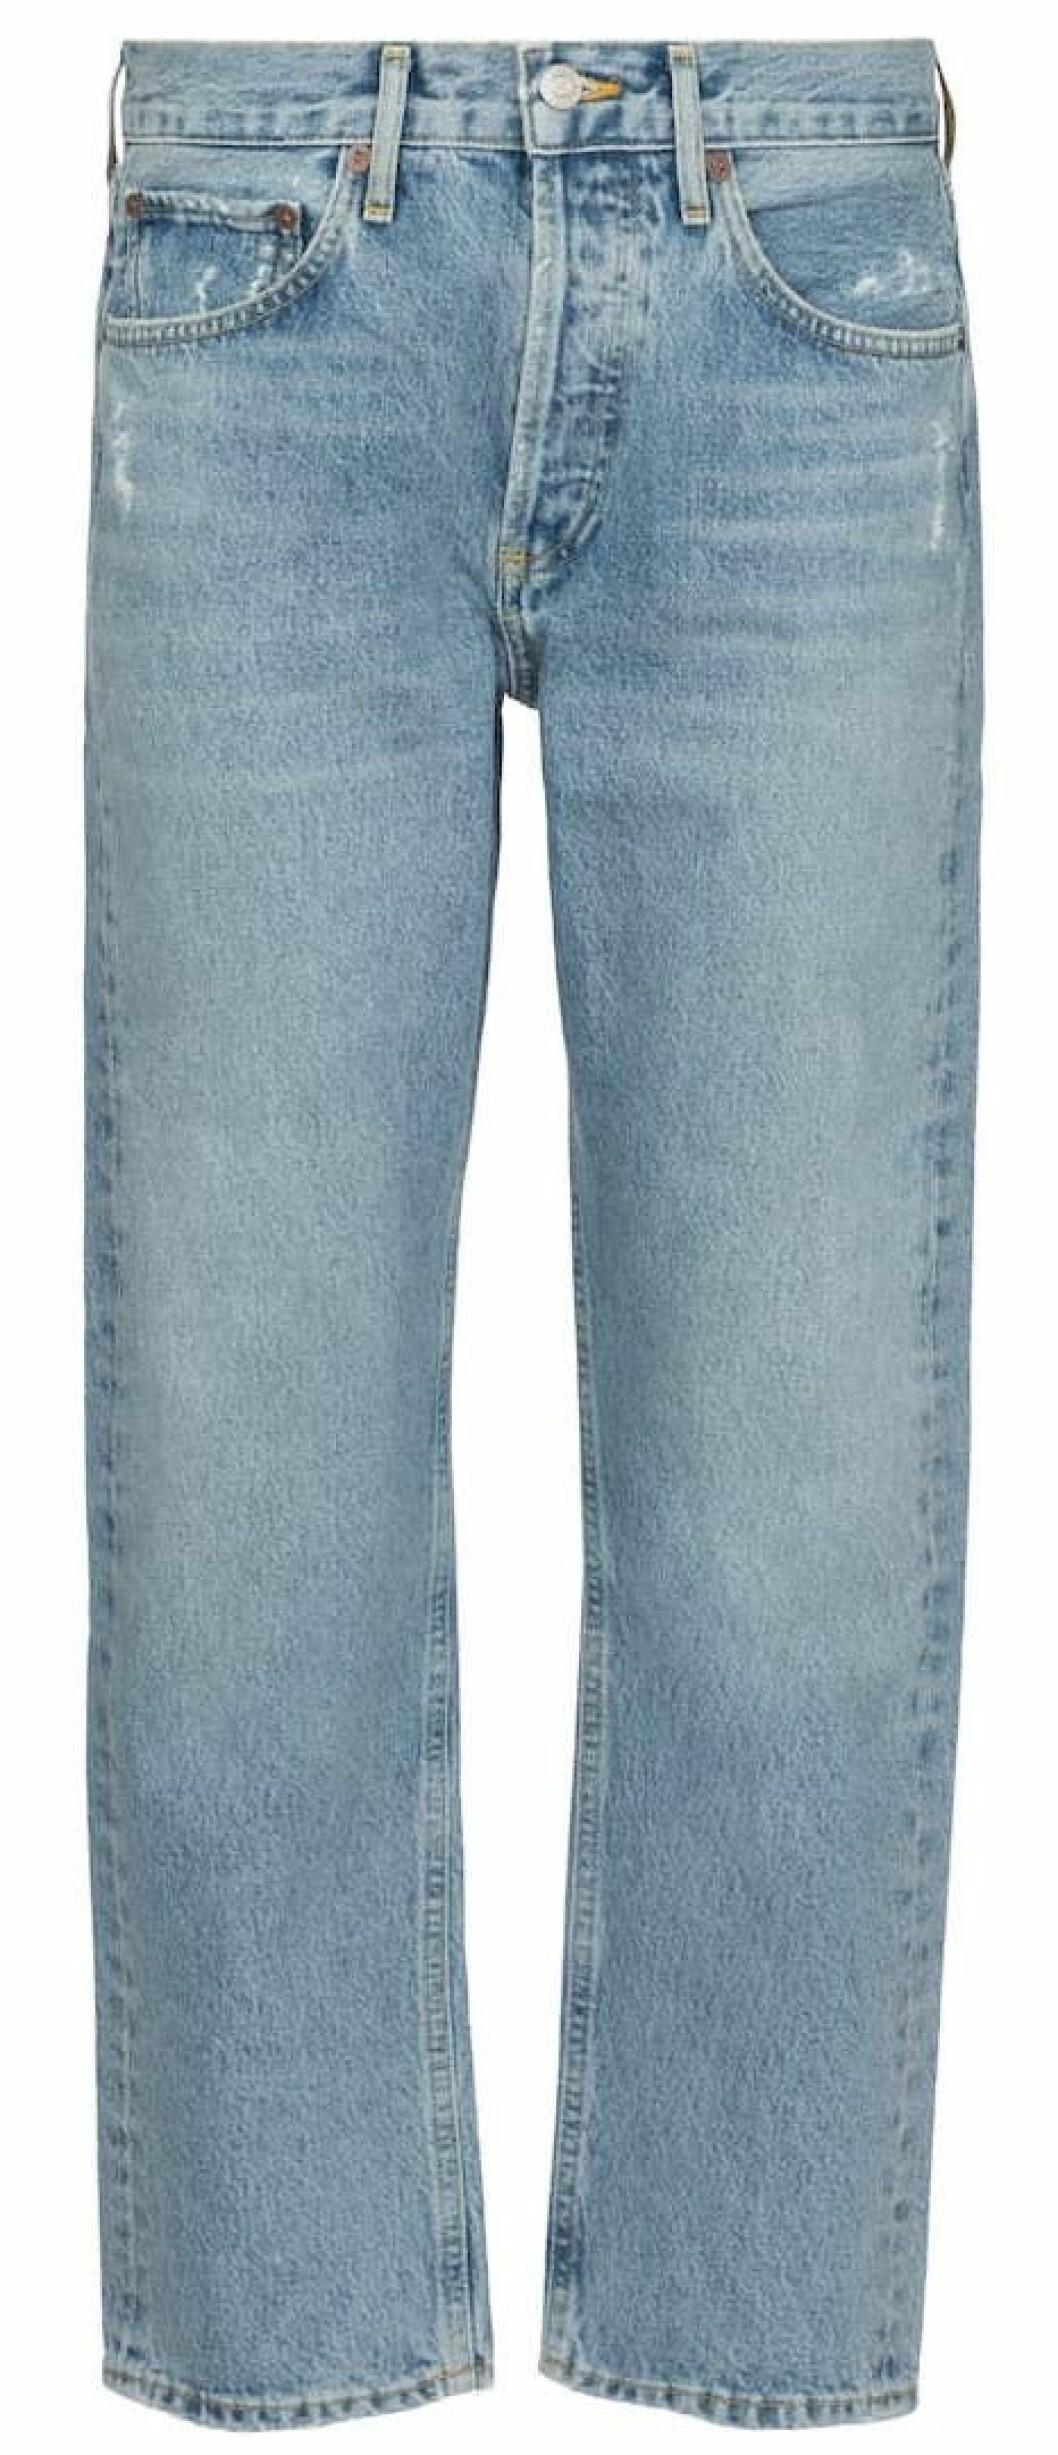 jeans från agolde i ljus tvätt.